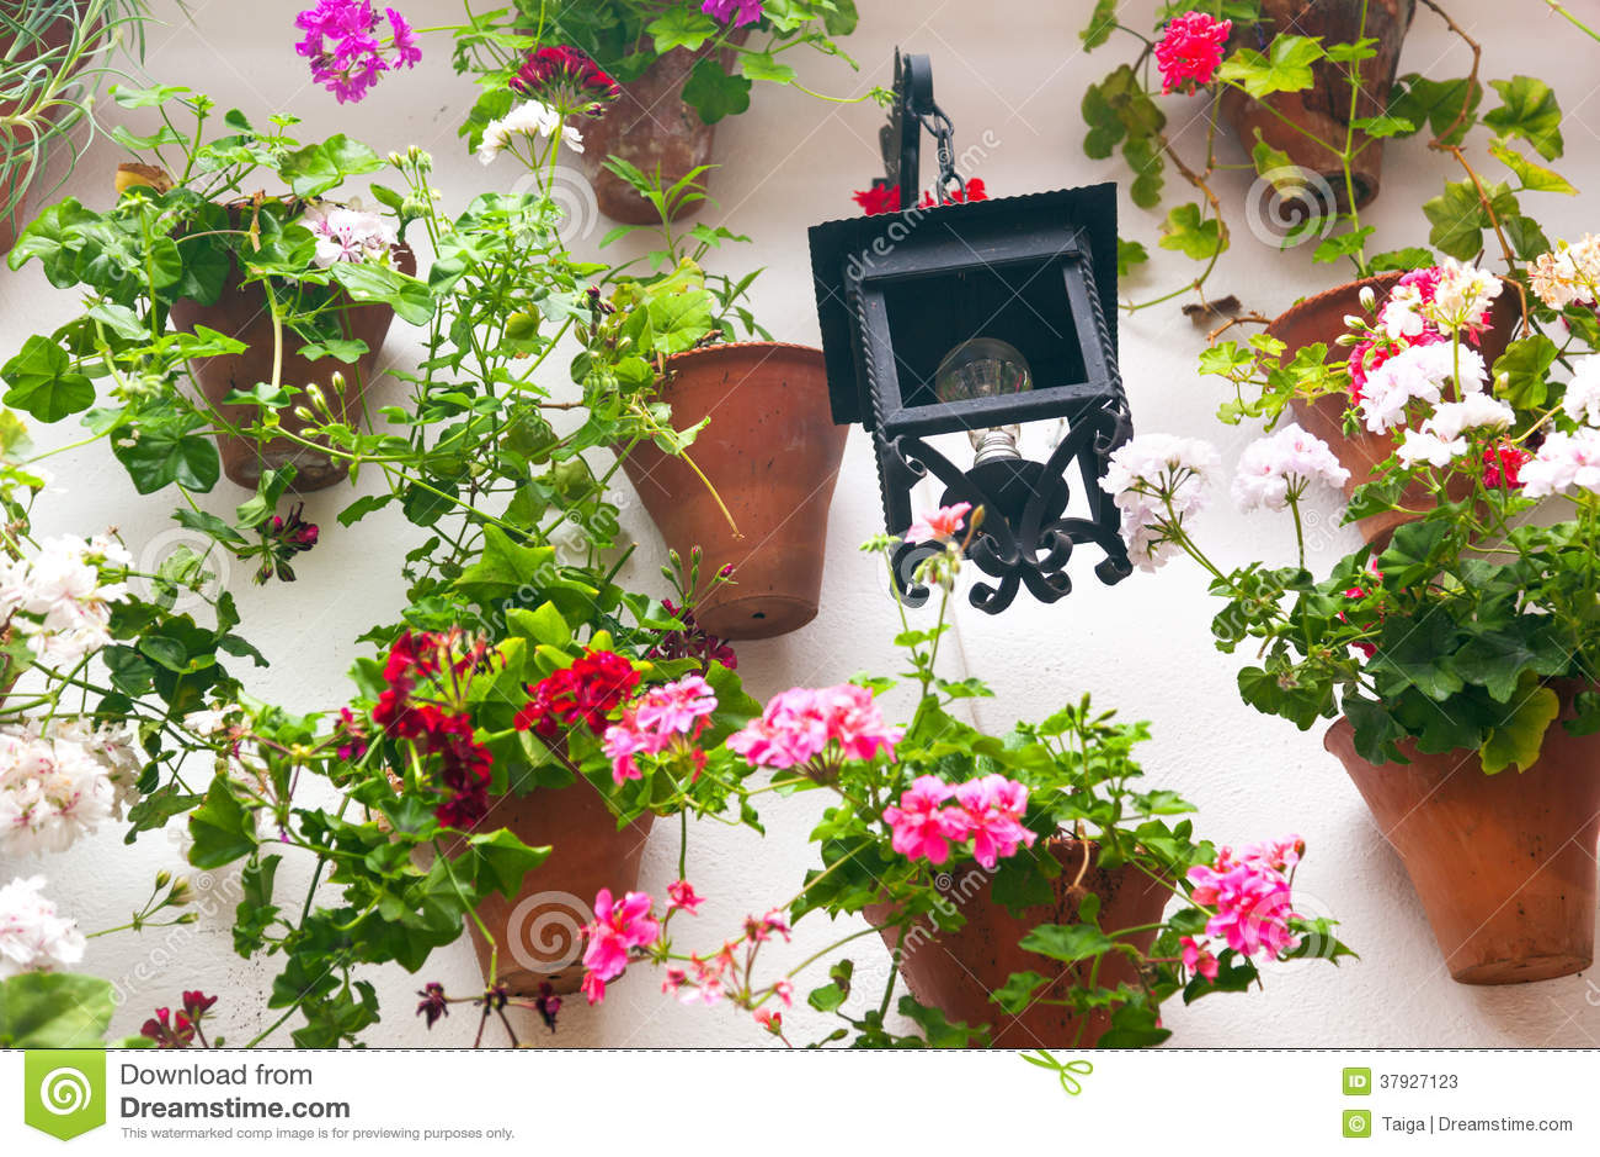 Цветочные горшки и красный цветок на белой стене с винтажным фонариком.